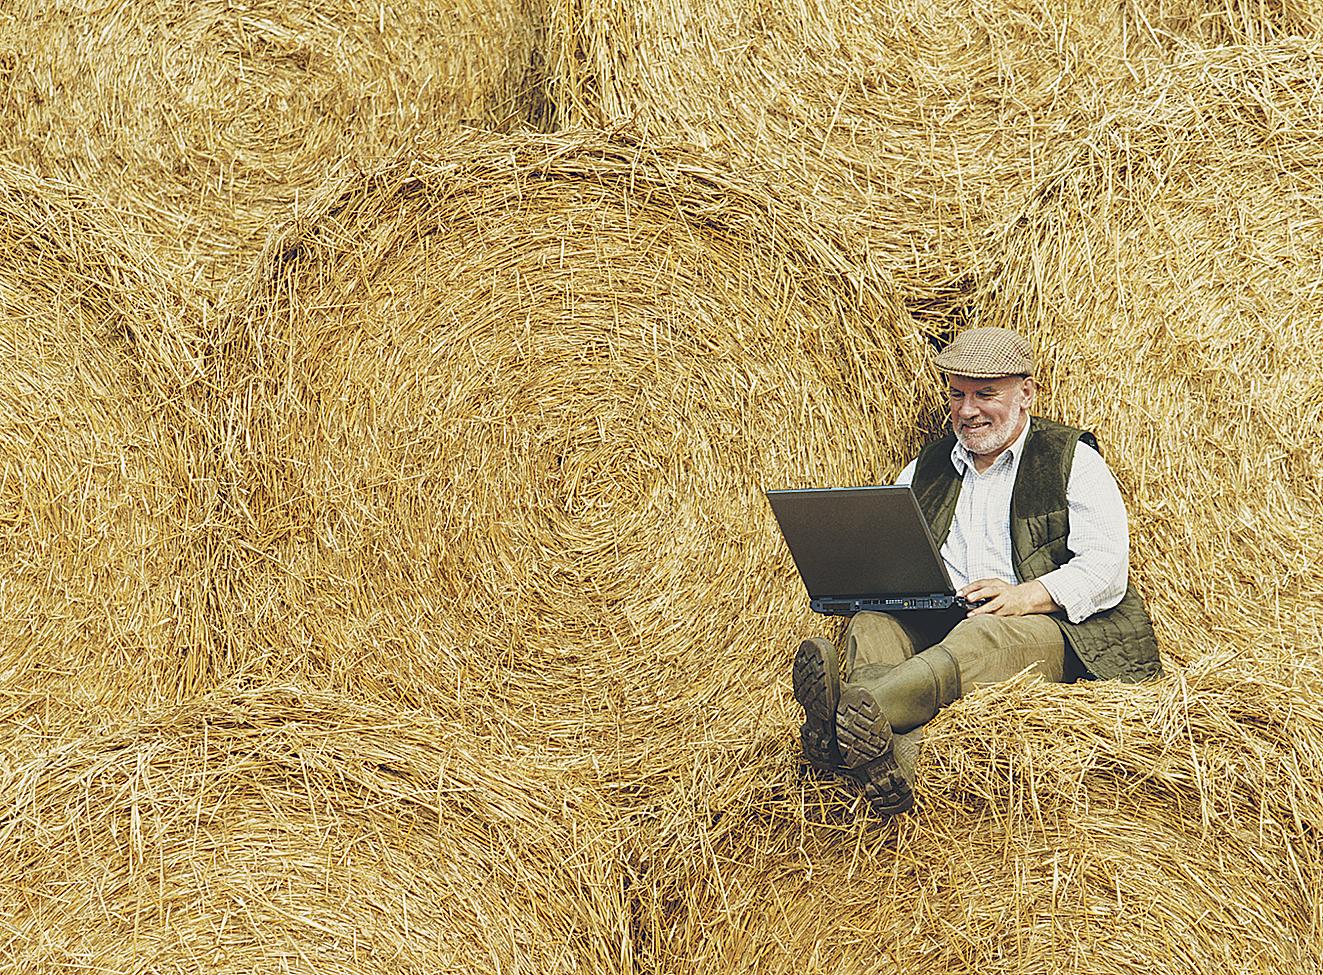 Bauer sitzt mit einem Laptop vor einem Heuballen; Thema: Landmaschinentechnik